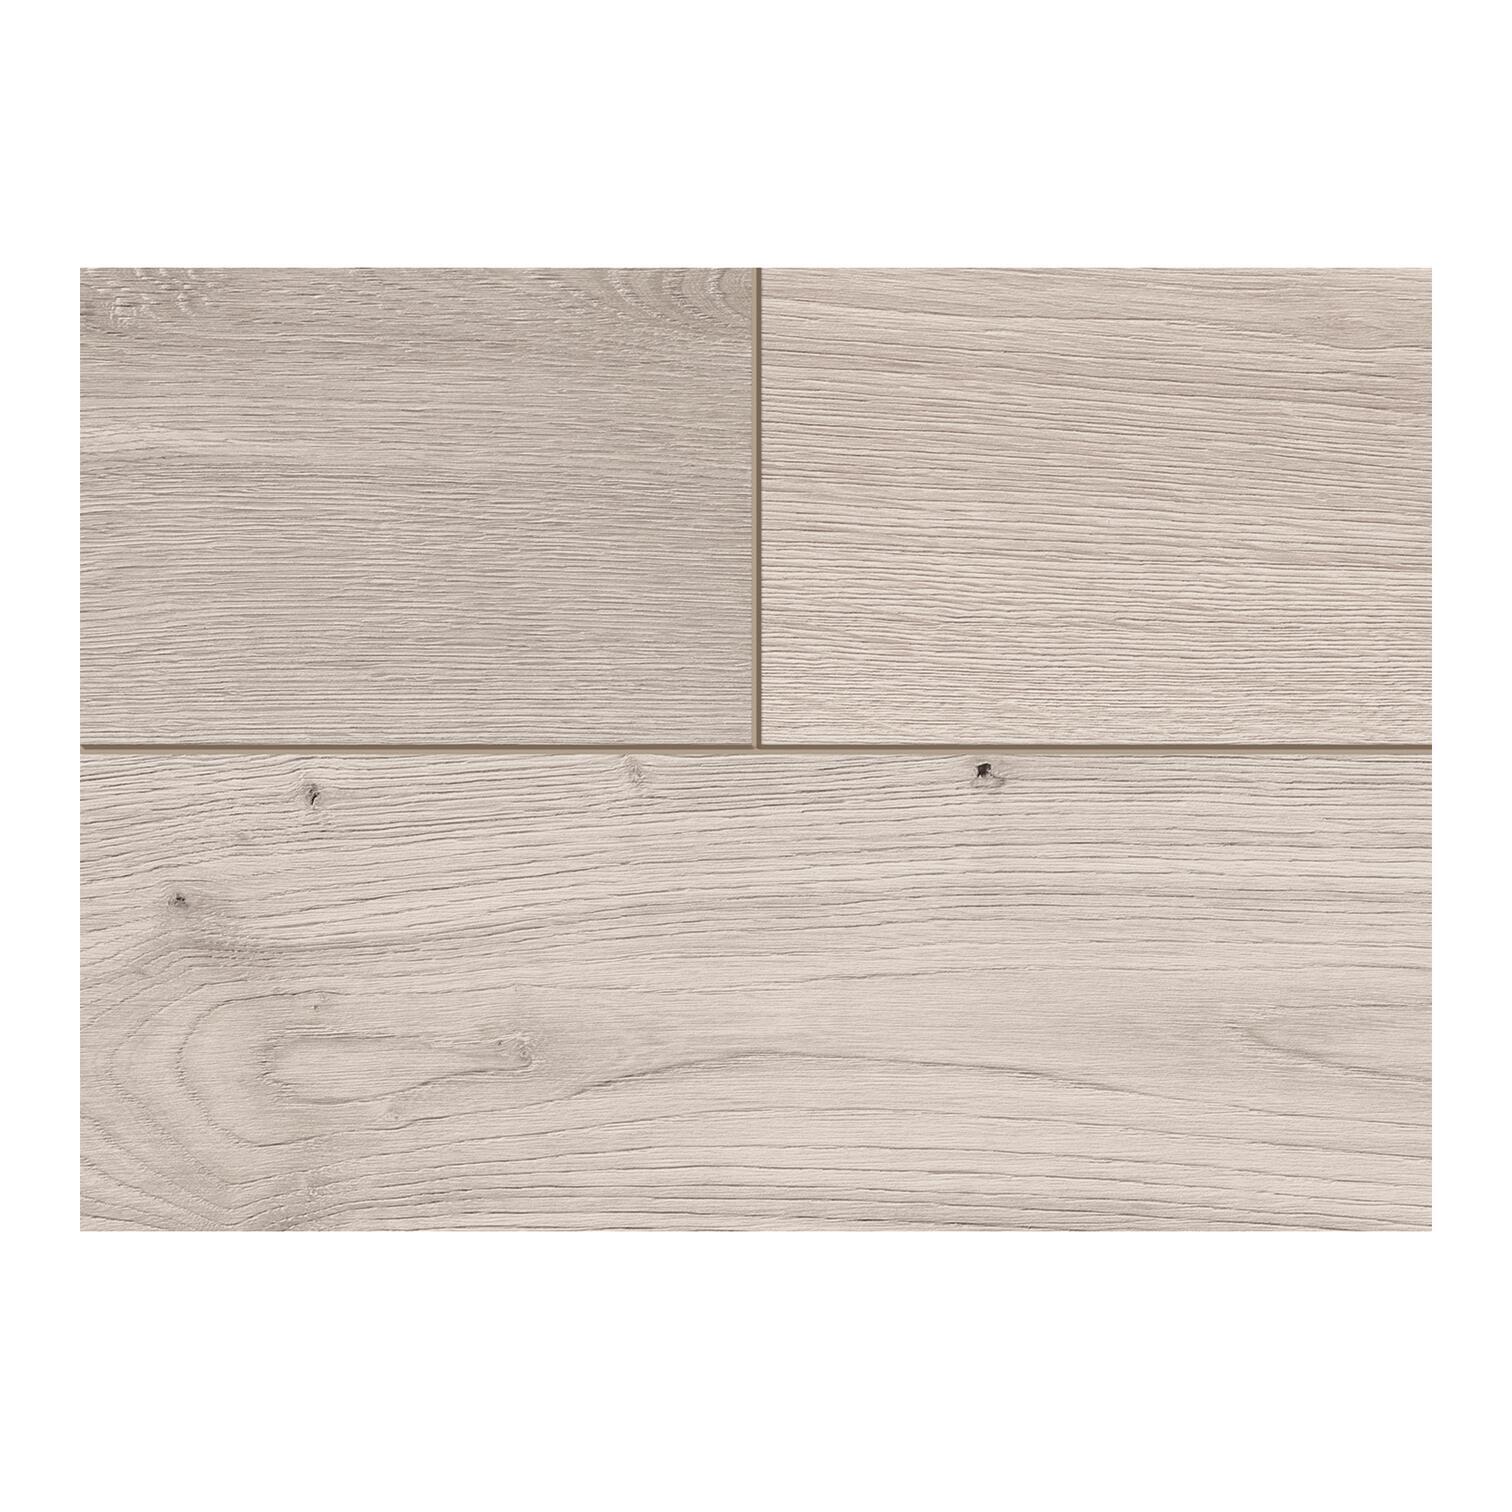 Pavimento SPC flottante clic+ Sp 3.6 mm beige - 1